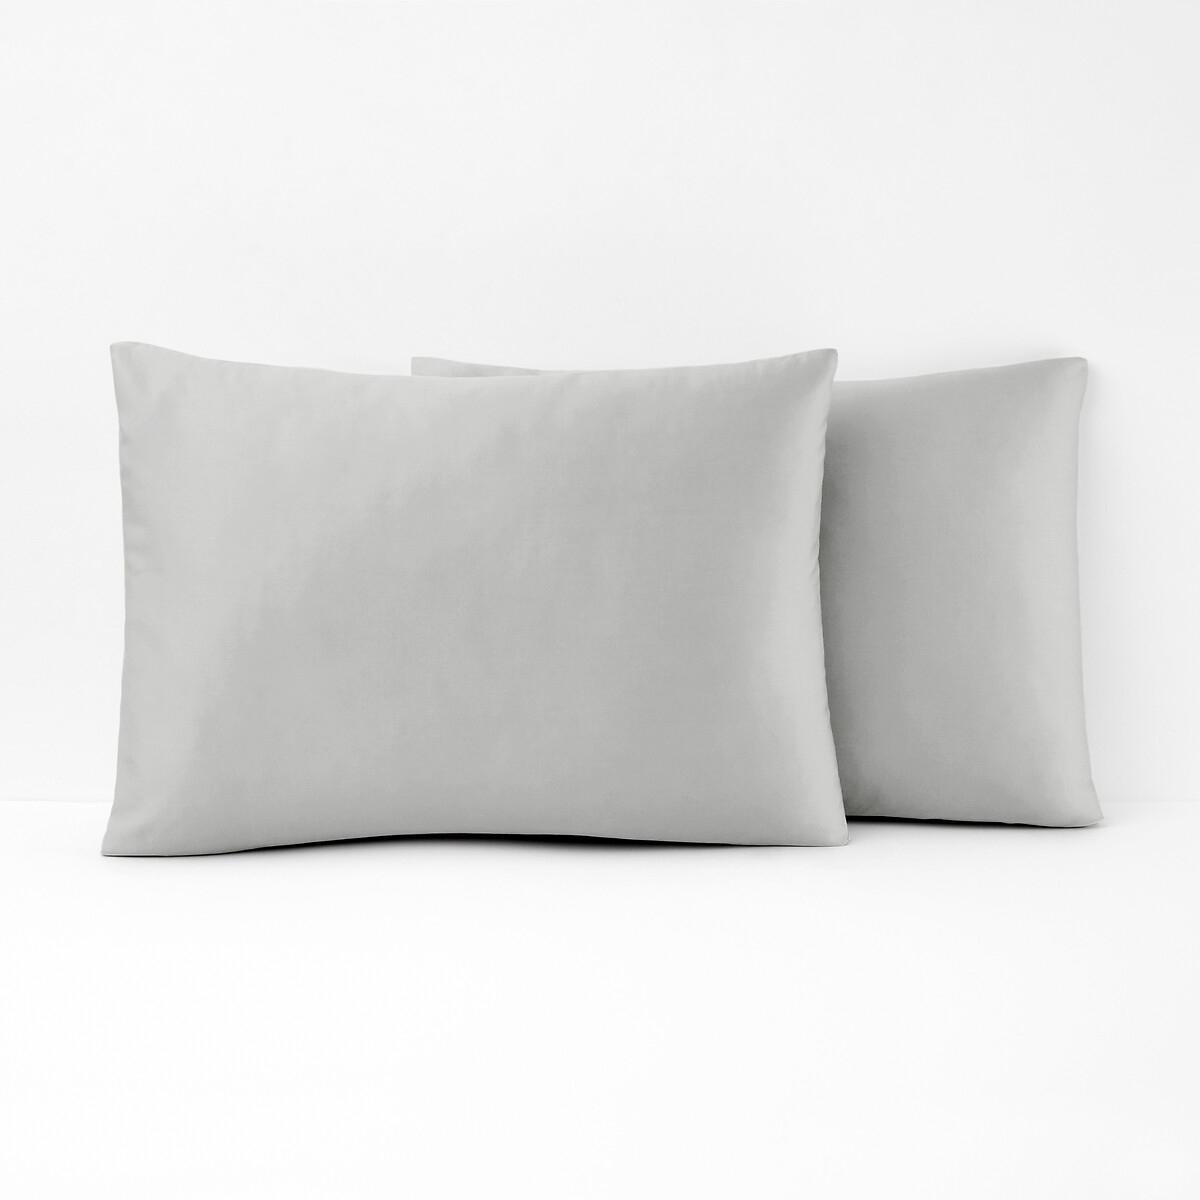 Cotton Satin Plain Pillowcase